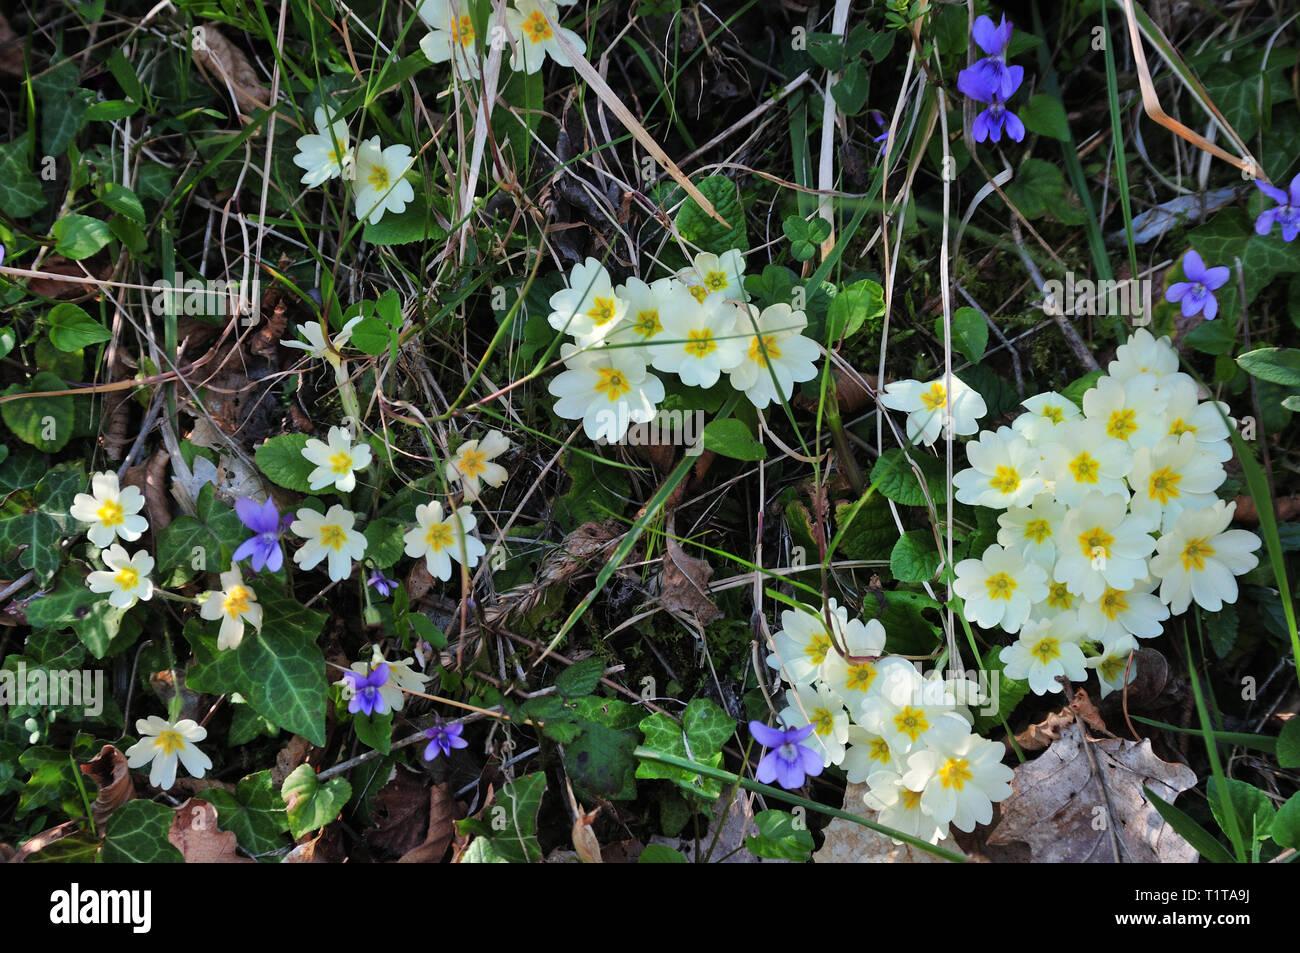 Giallo e viola fiori selvatici. Fiori Selvatici in un prato. Immagini Stock